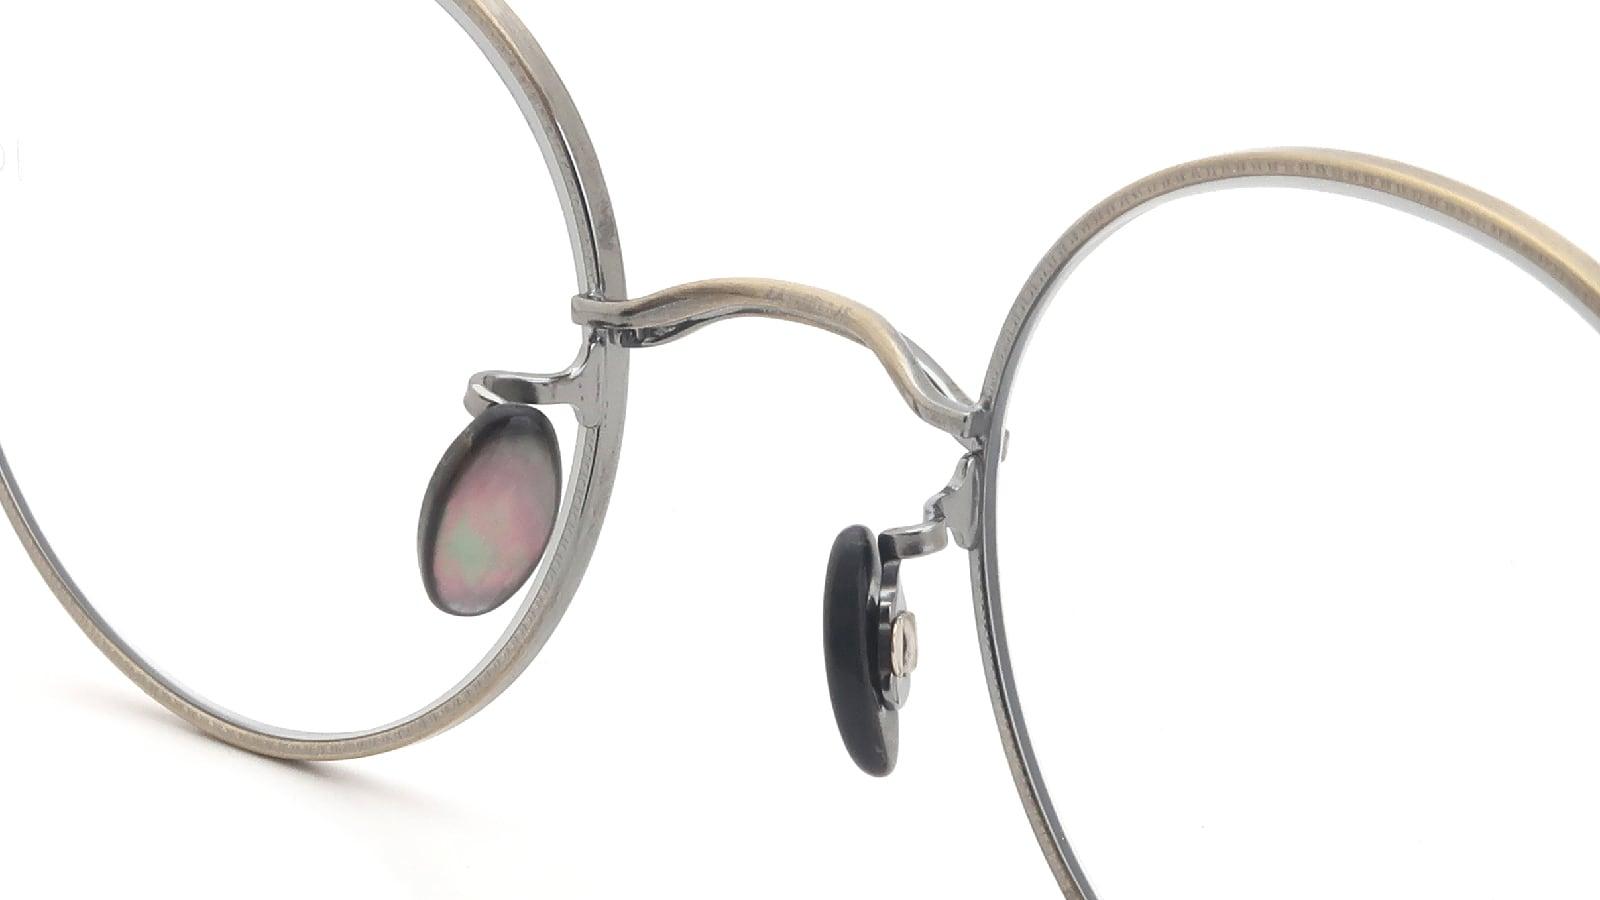 10 eyevan NO.5 44 4S-CL OldGold 8